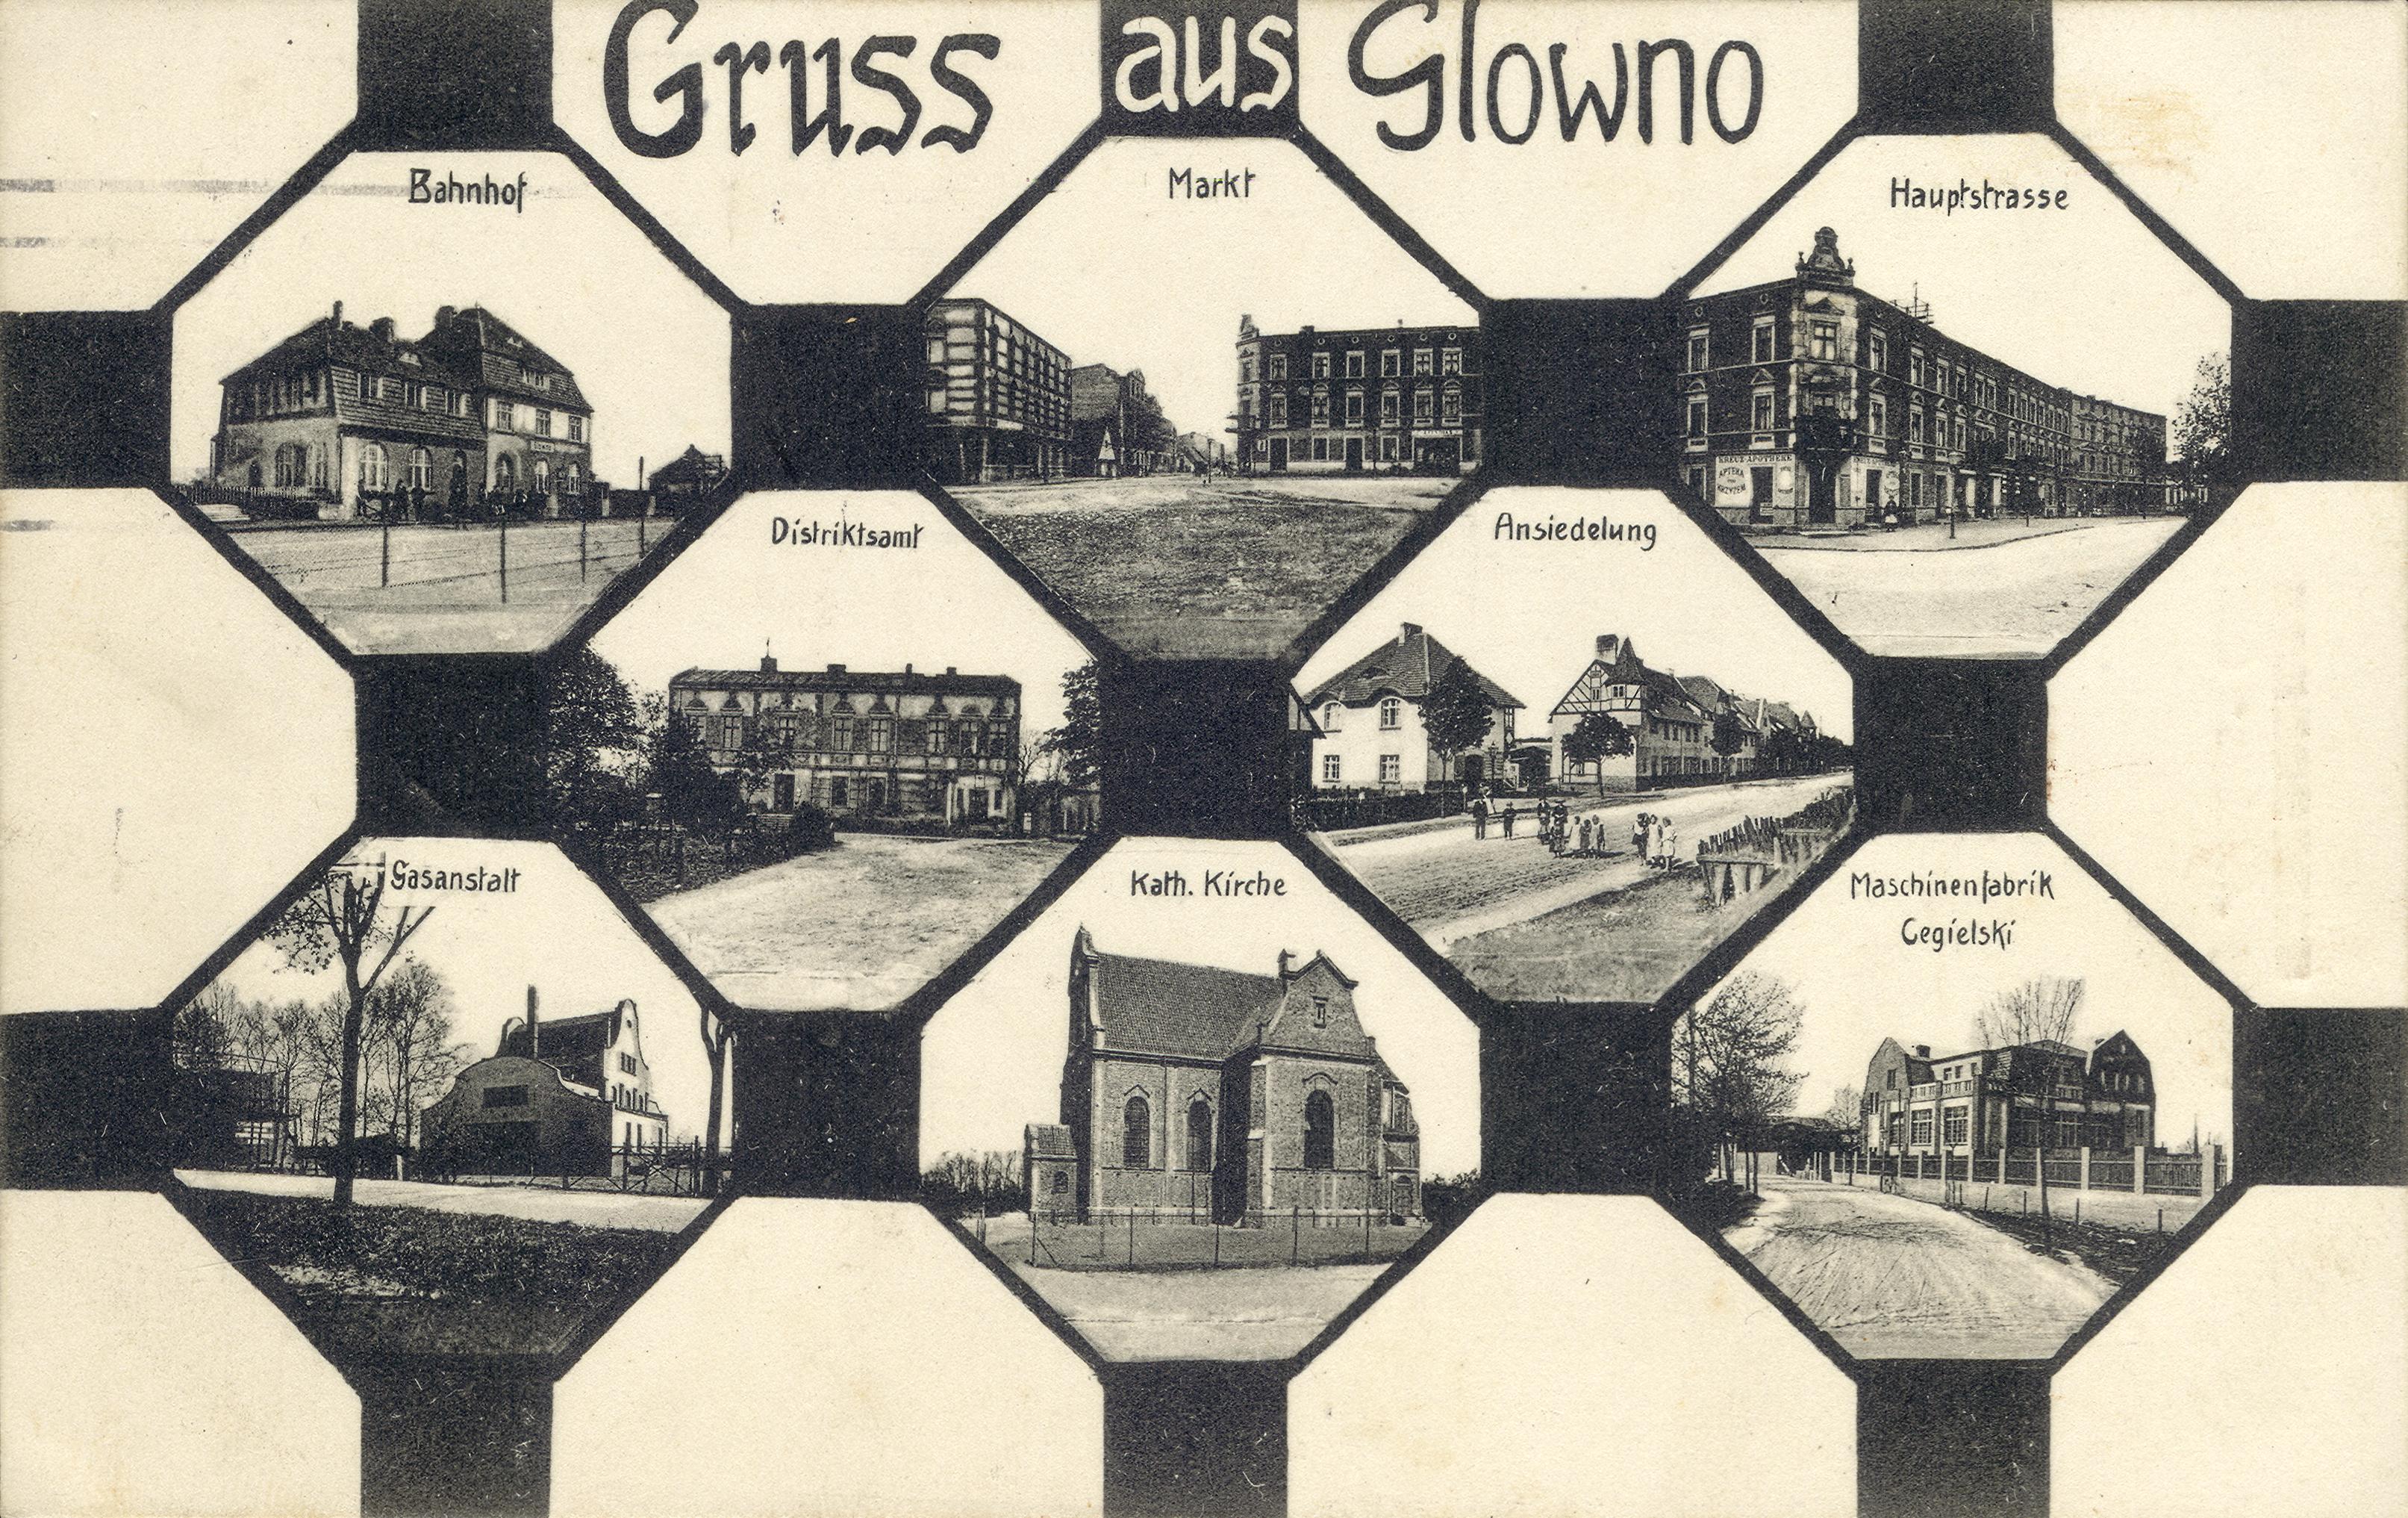 Gruss aus Glowno. Ośmioobrazkowa karta pocztowa z widokami Głównej. [1] Bahnhof (dworzec kolejowy); [2] Markt (Rynek Wschodni); [3] Hauptstrasse (ulica Główna); [4] Distriktsamt; [5] Ansiedelung (kolonia Karlsbunne); [6] Gasanstatl (Gazownia); [7] Kath. Kirche (kościół katolicki); [8] Maschinenfabrik Cegielski (fabryka Cegielskiego). Ze zbiorów Biblioteki Uniwersyteckiej w Poznaniu